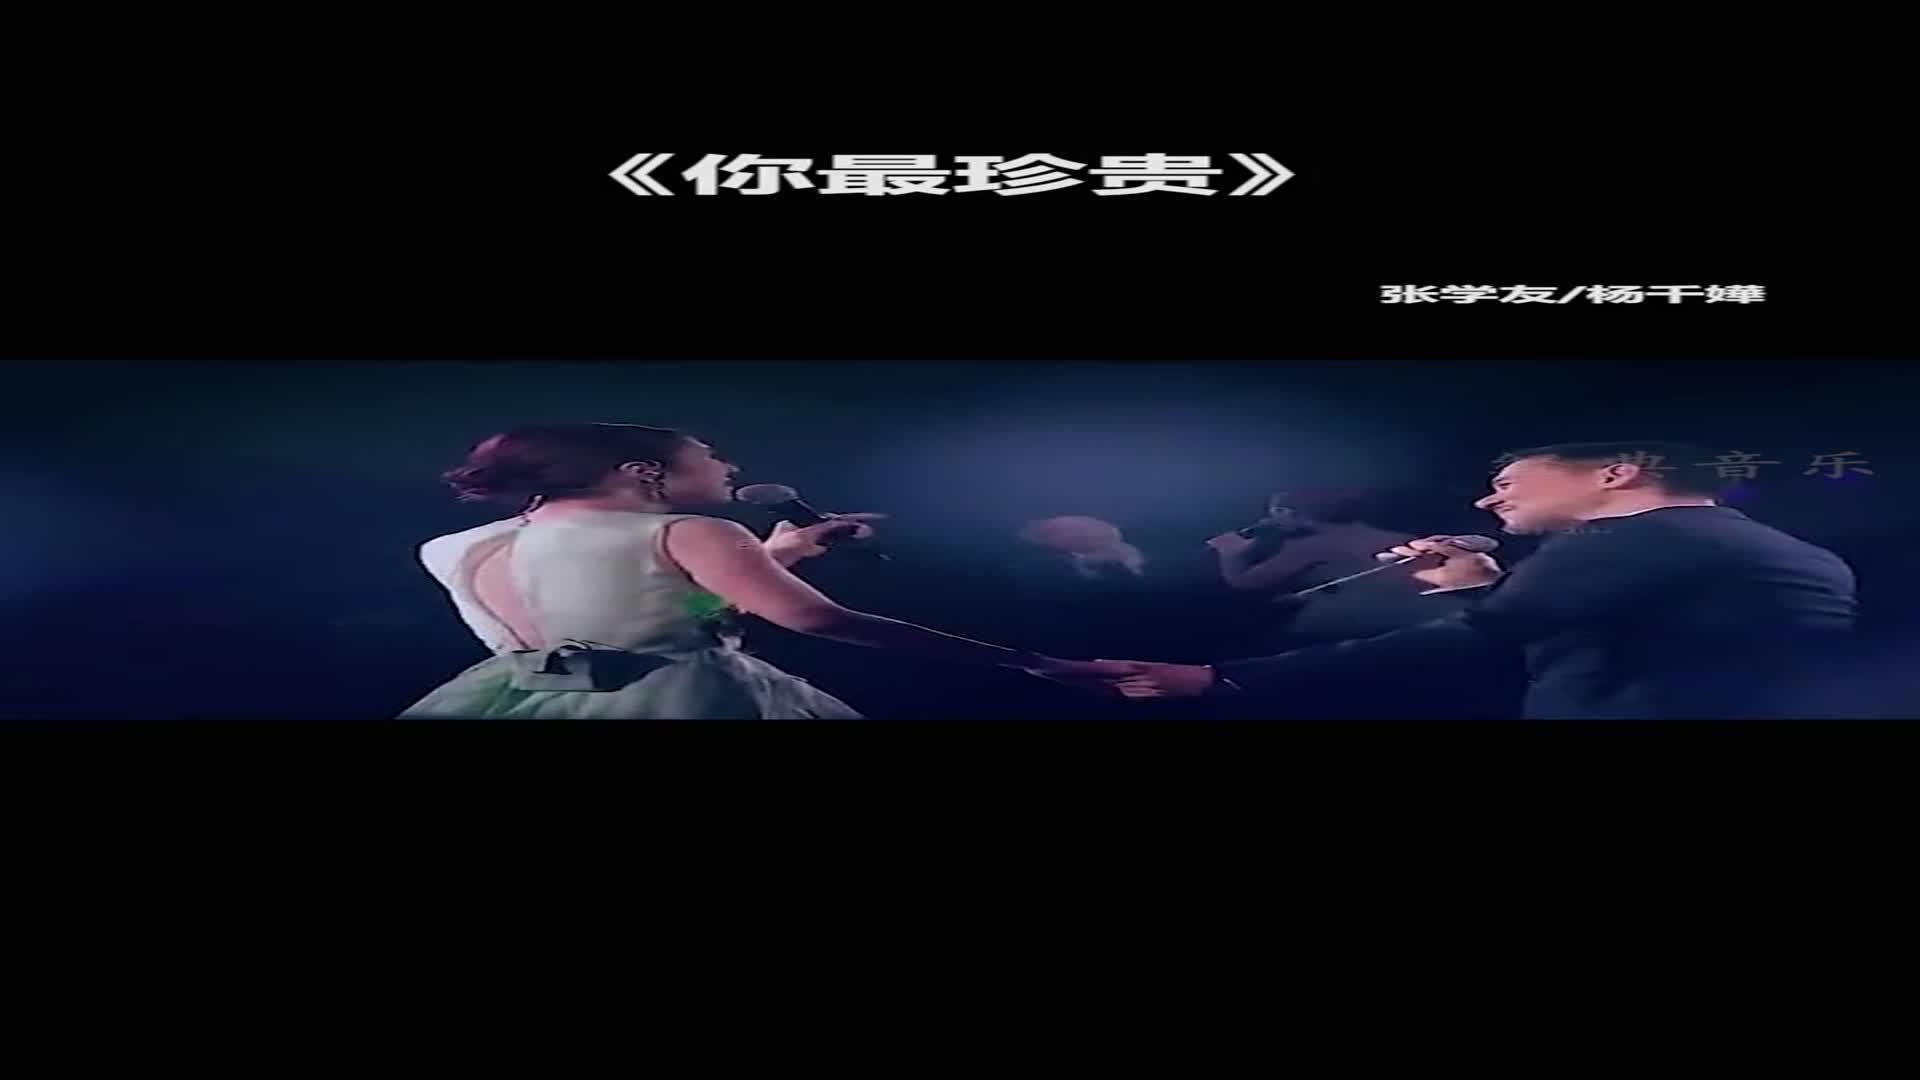 张学友携手,杨千嬅合唱《你最珍贵》,震撼全场观众